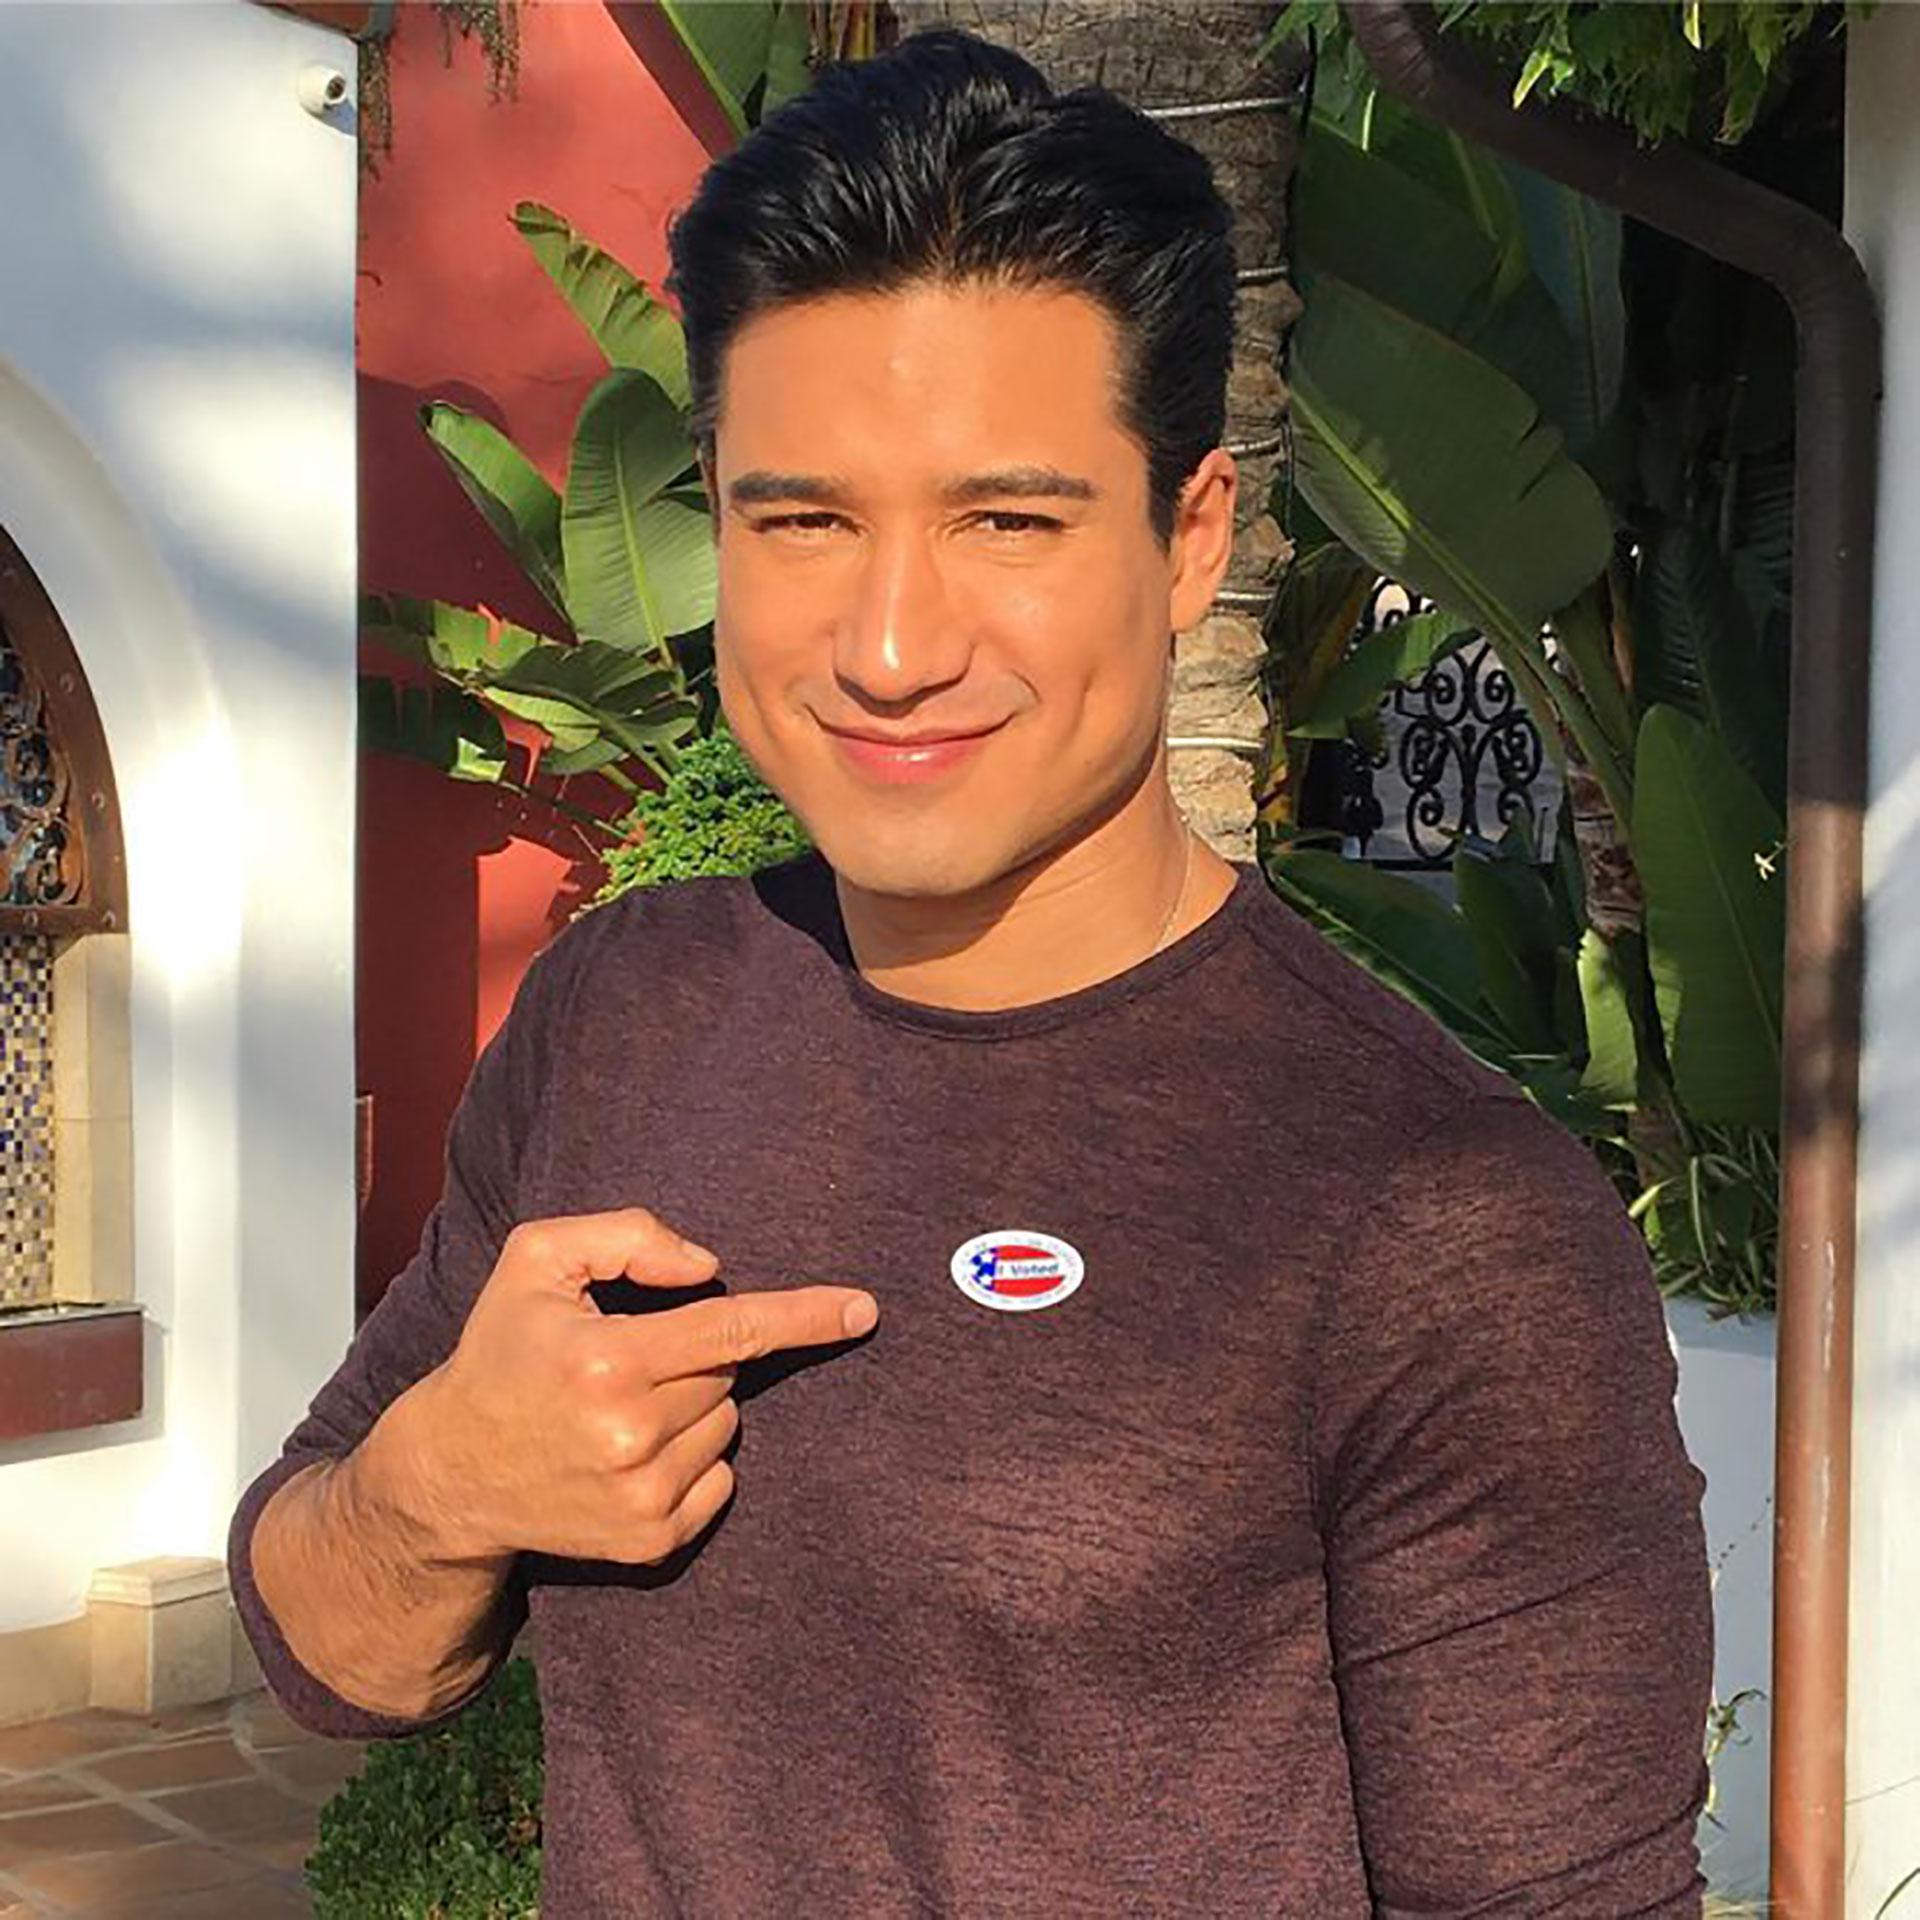 """El actor y presentador Mario Lopez expresó junto a la imagen: """"Si no votas no te puedes quejar"""""""